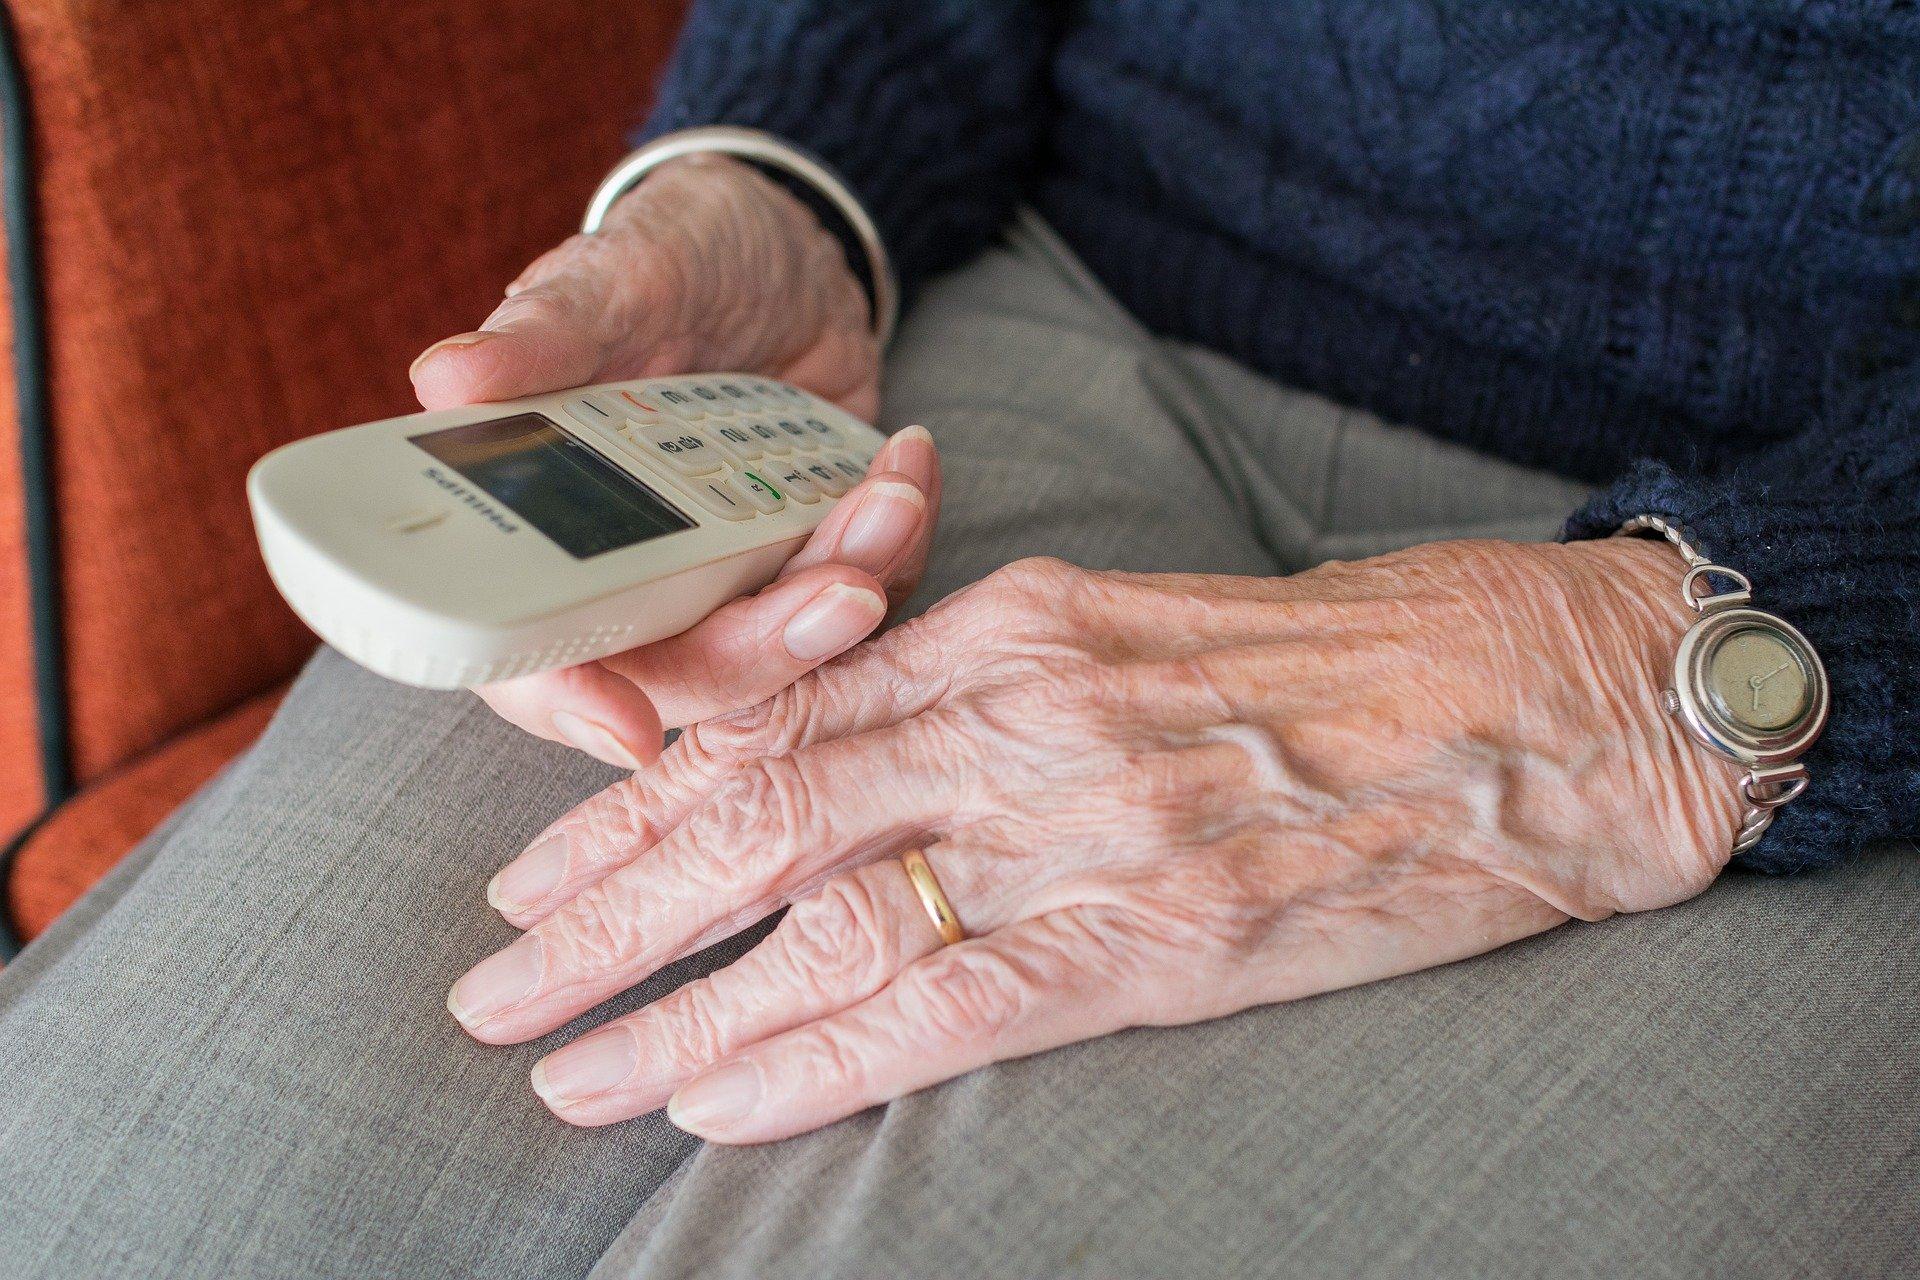 Insgesamt 20 Mal haben Betrüger in Lübeck und Ostholstein per Telefon versucht, an die Ersparnisse älterer Bürger zu gelangen.